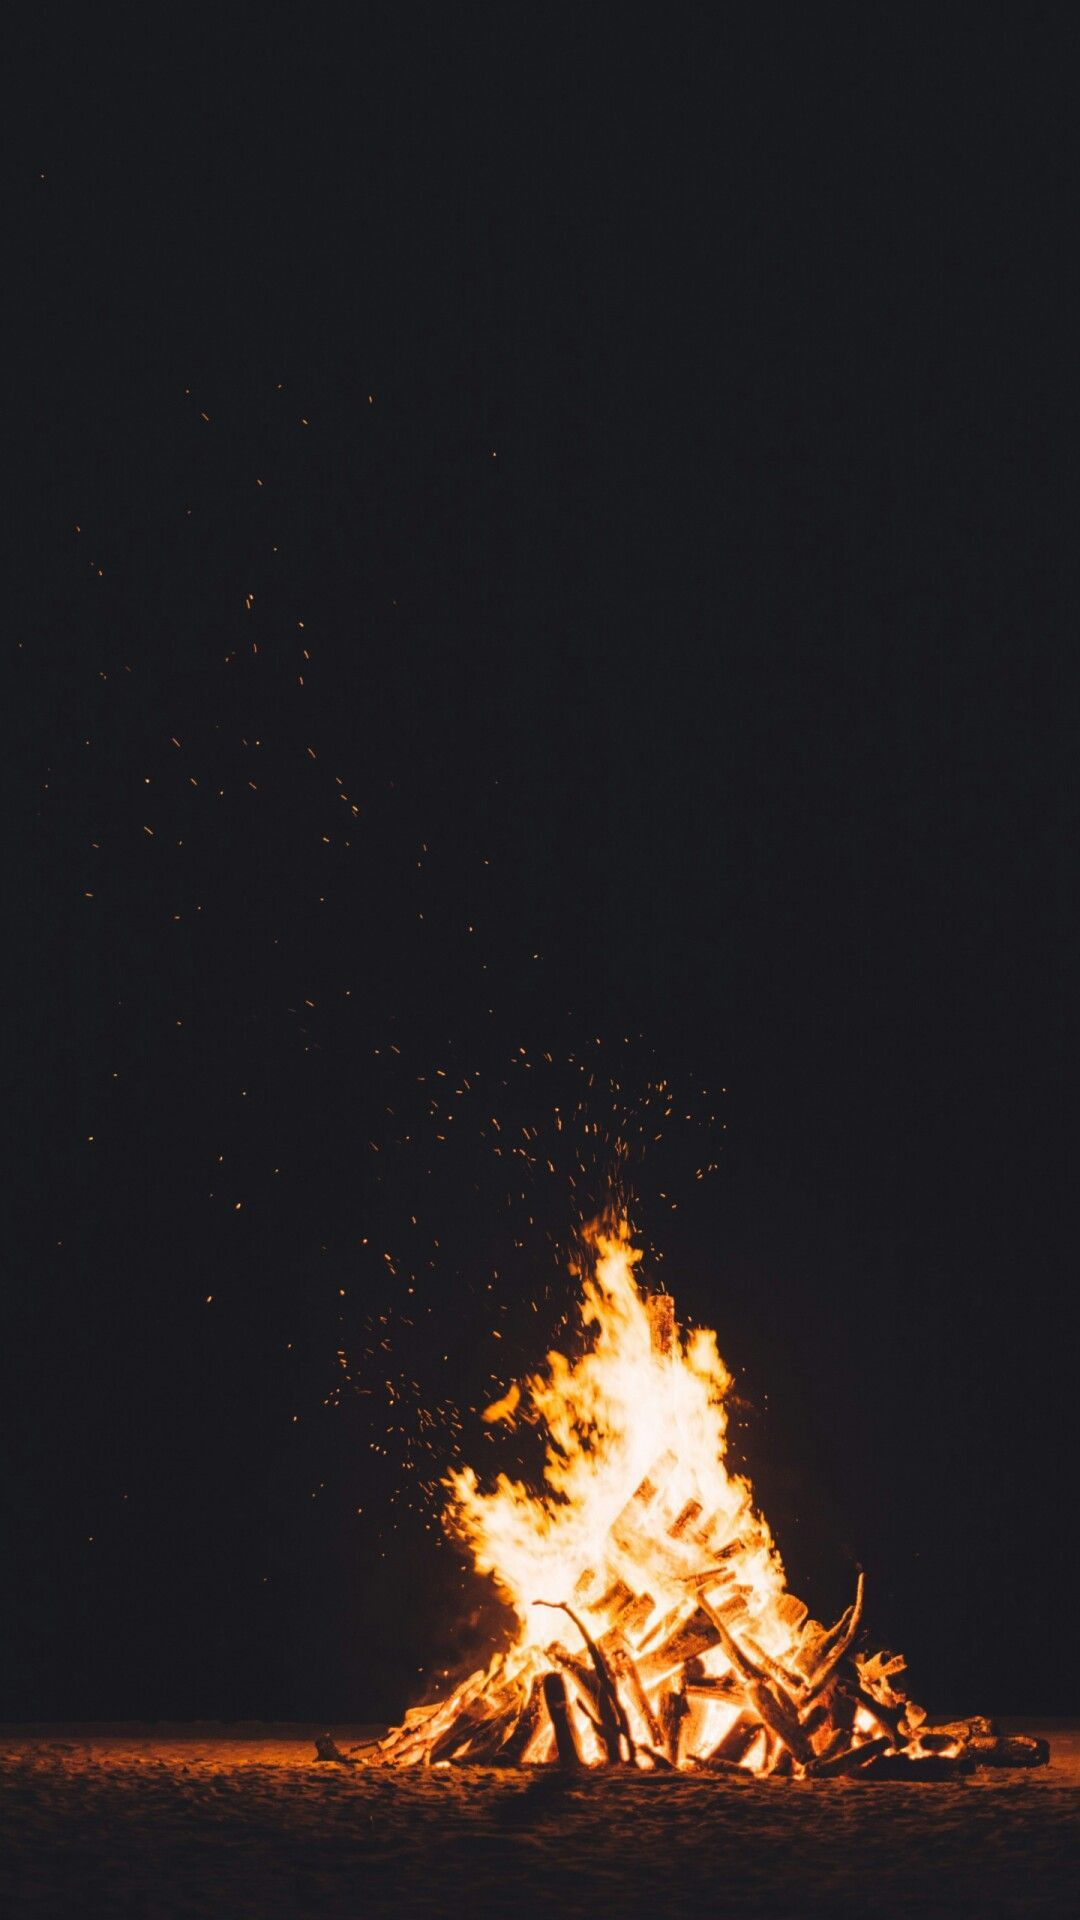 焚き火 おしゃれまとめの人気アイデア Pinterest Zen 画像あり アウトドア 風景 壁紙